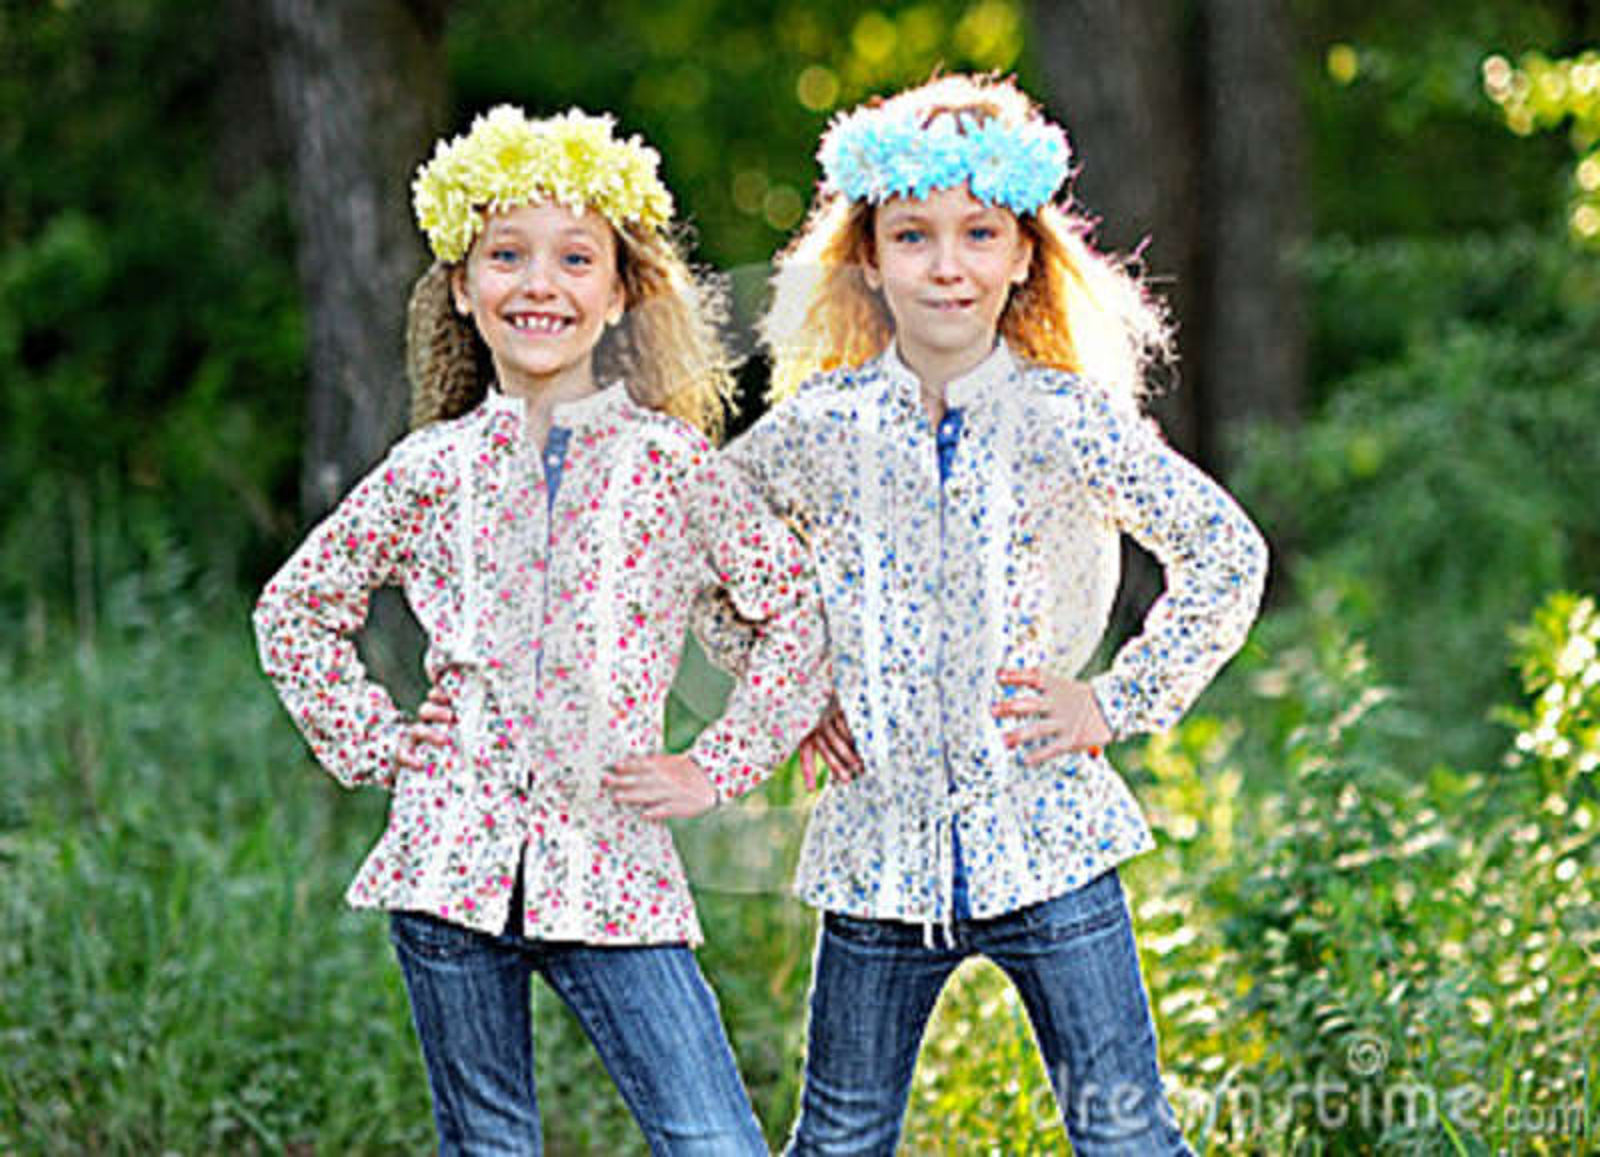 Download Un ritratto di due bambine fotografia stock. Immagine di capelli - 36877624